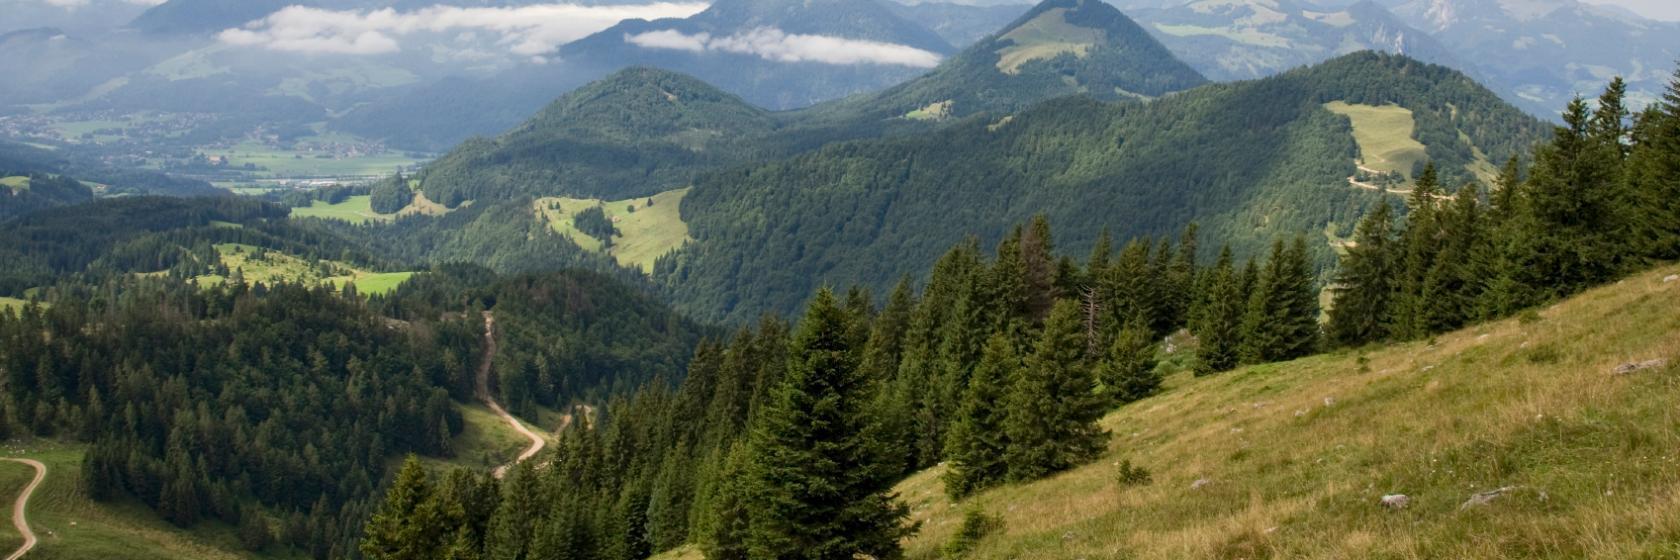 Miesbach-Oberaudorf